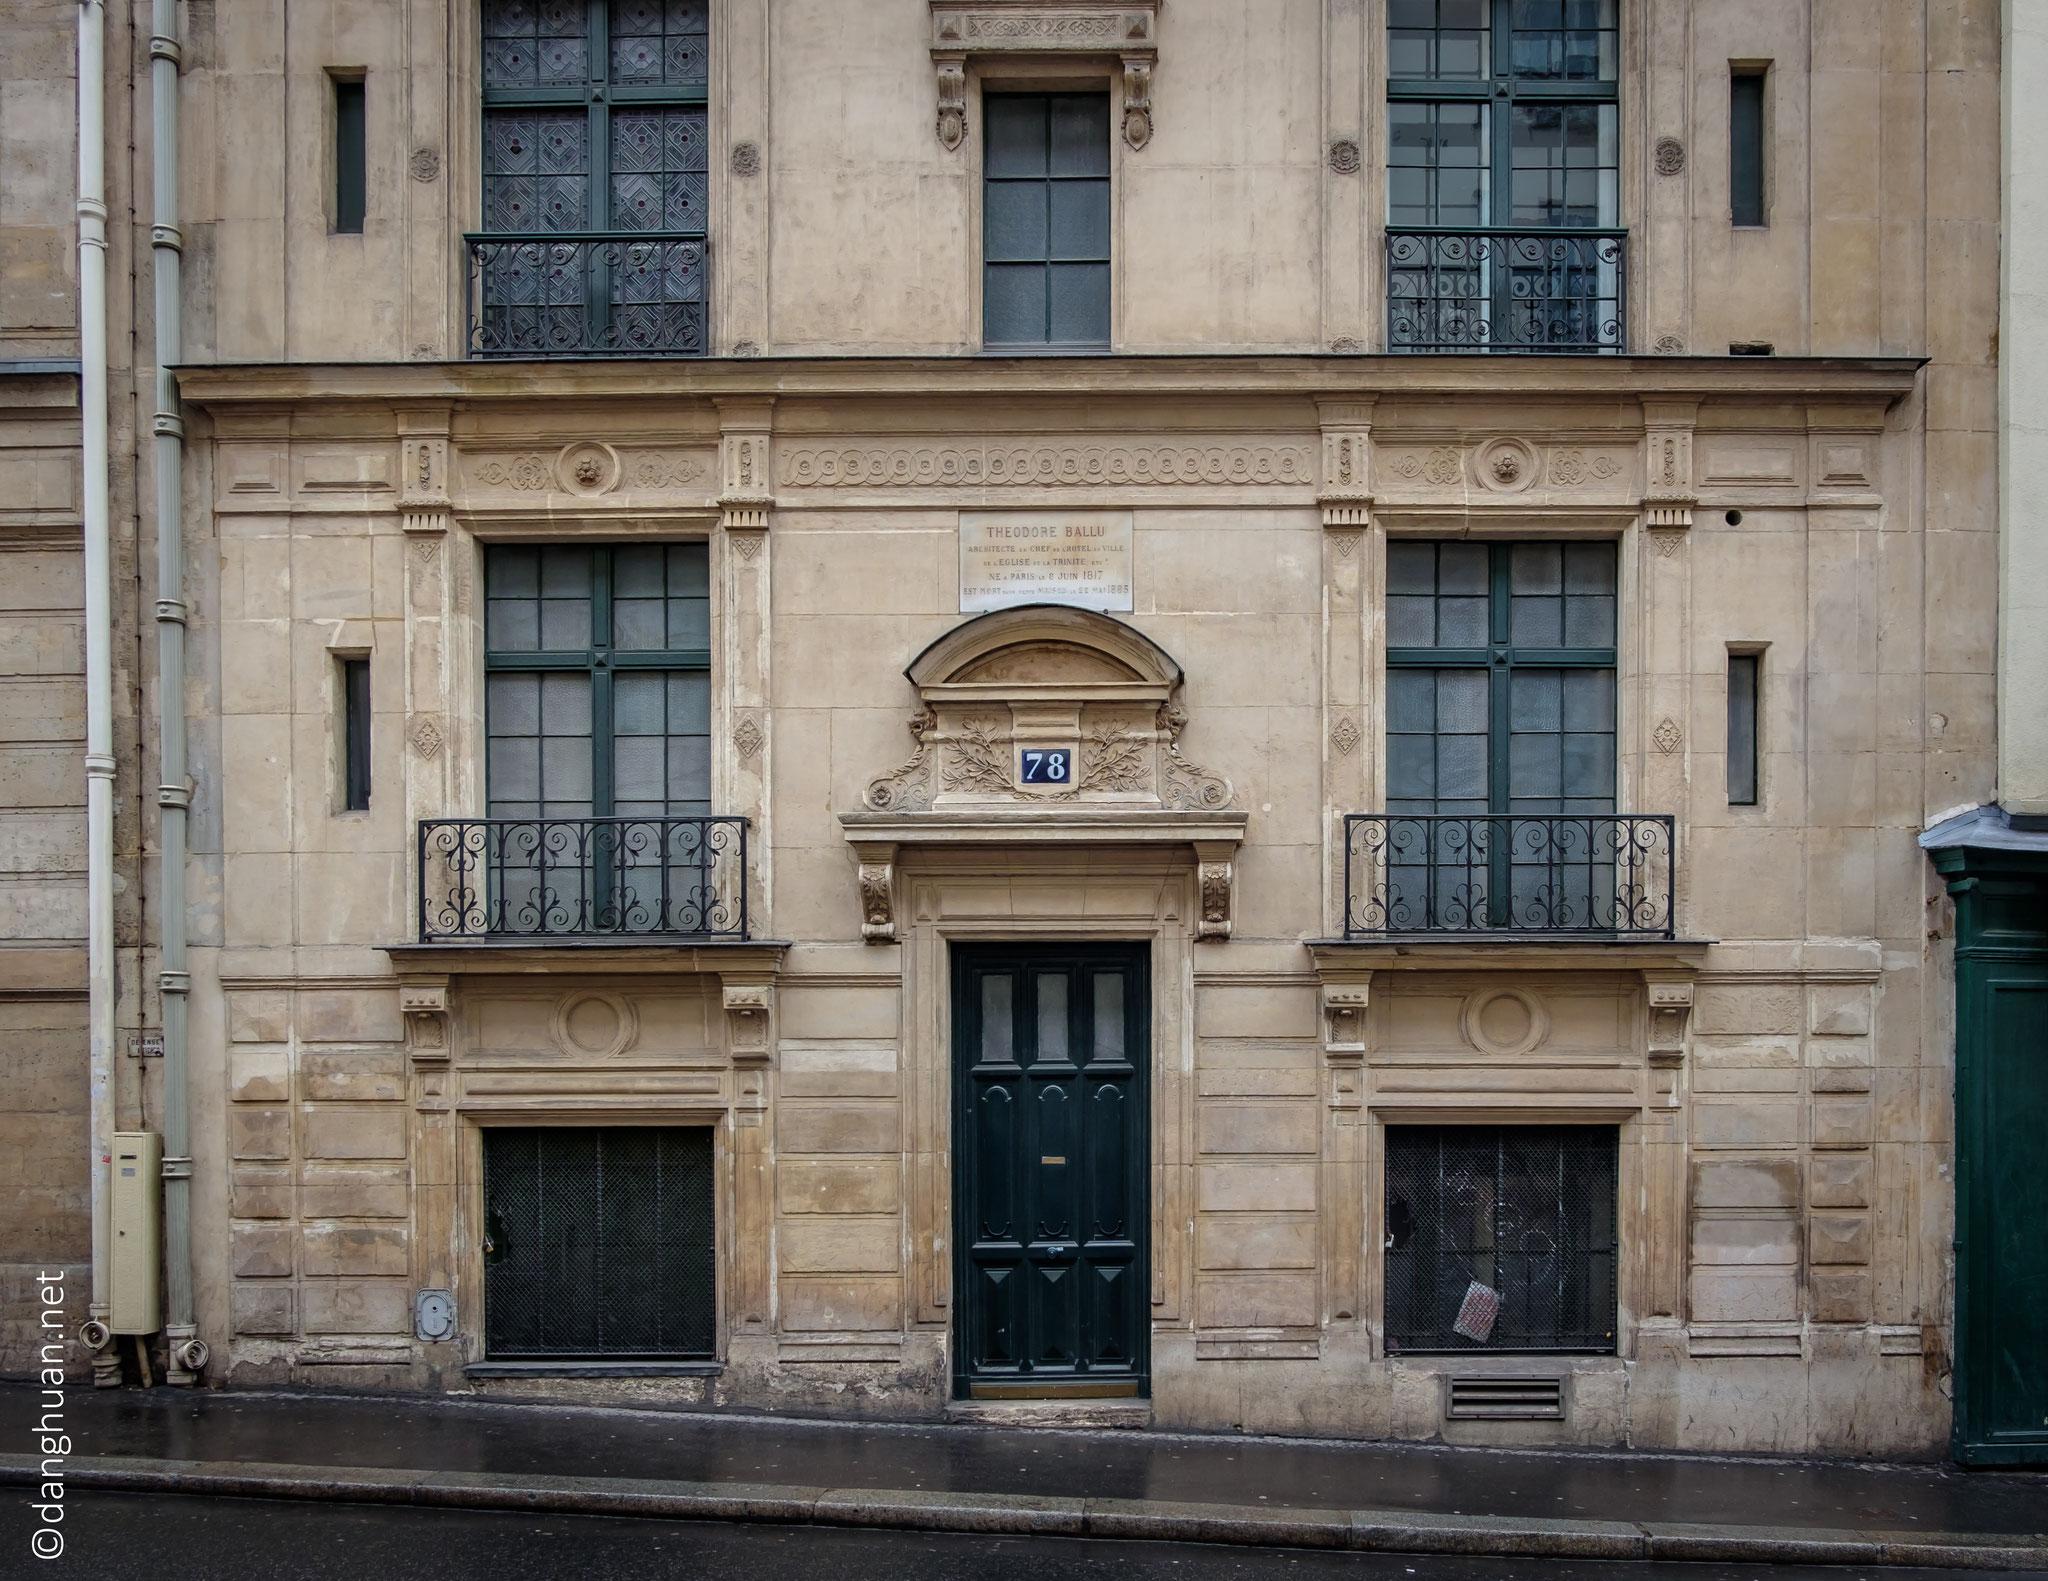 Maison de Théodor Ballu (1817-1885) 80, rue Blanche   : Architecte français,  qui a construit l'Eglise de la Trinité et l'Hôtel de ville